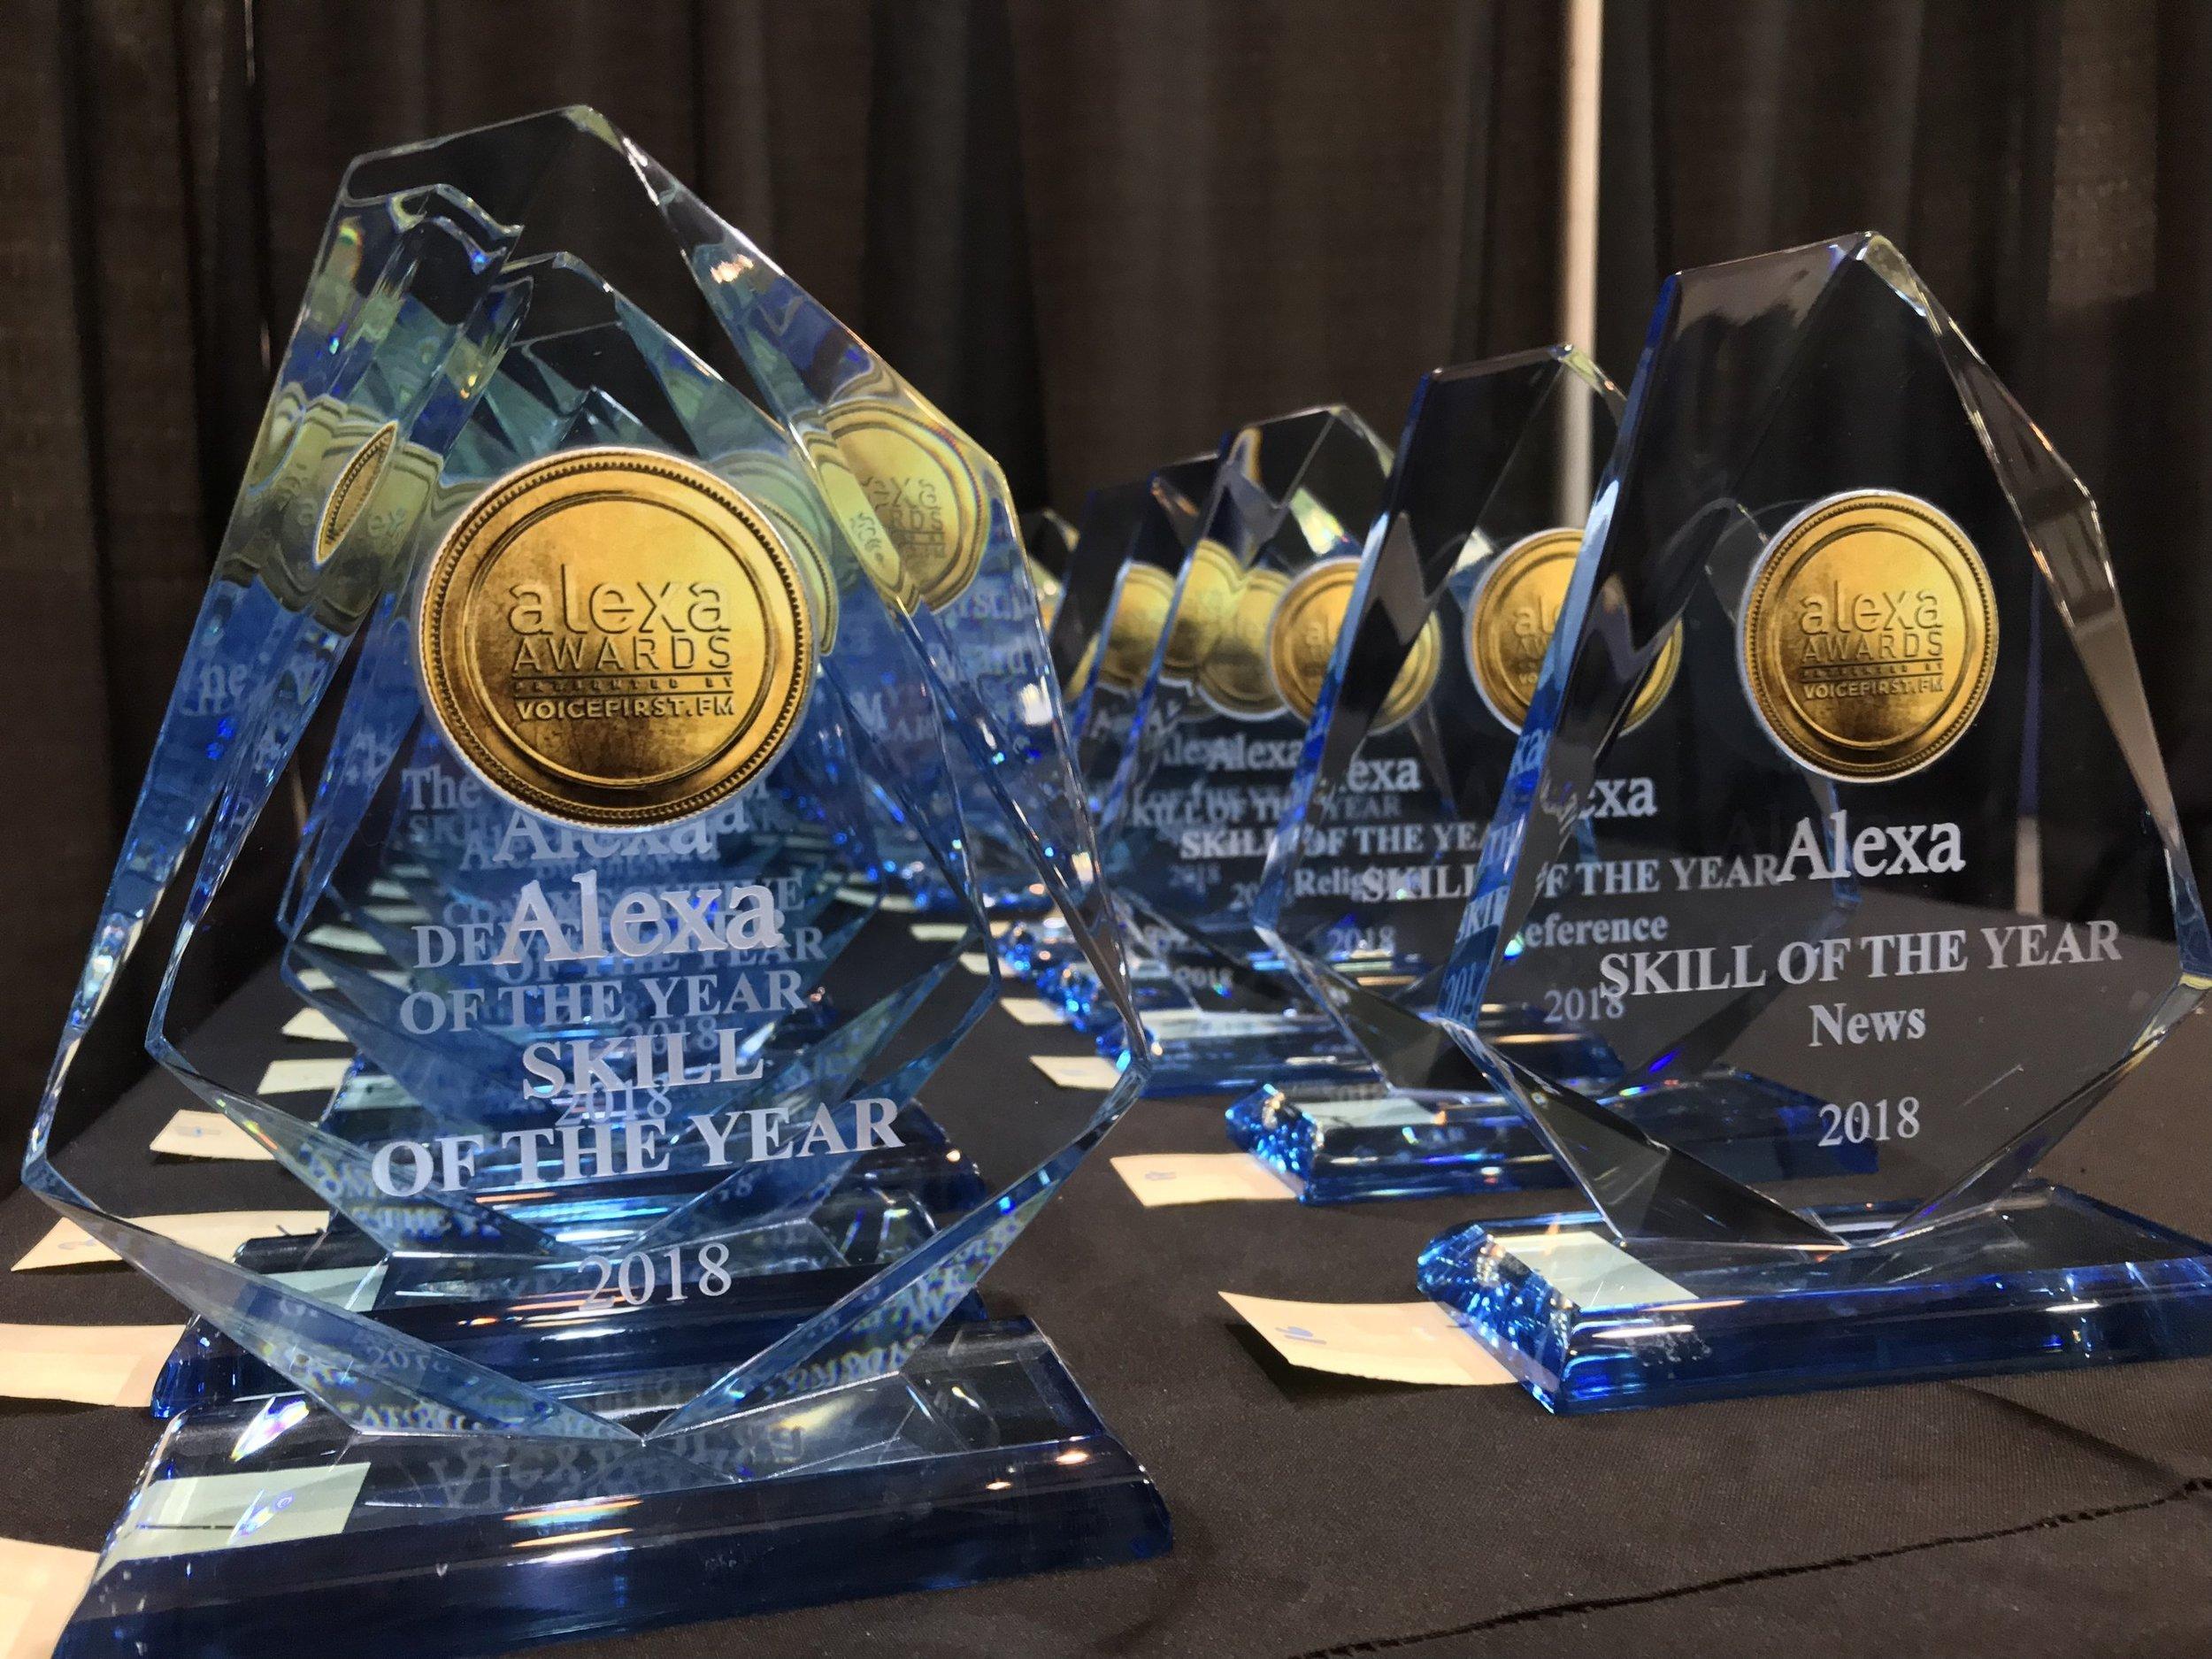 2018 Alexa Awards Best Skill Overall